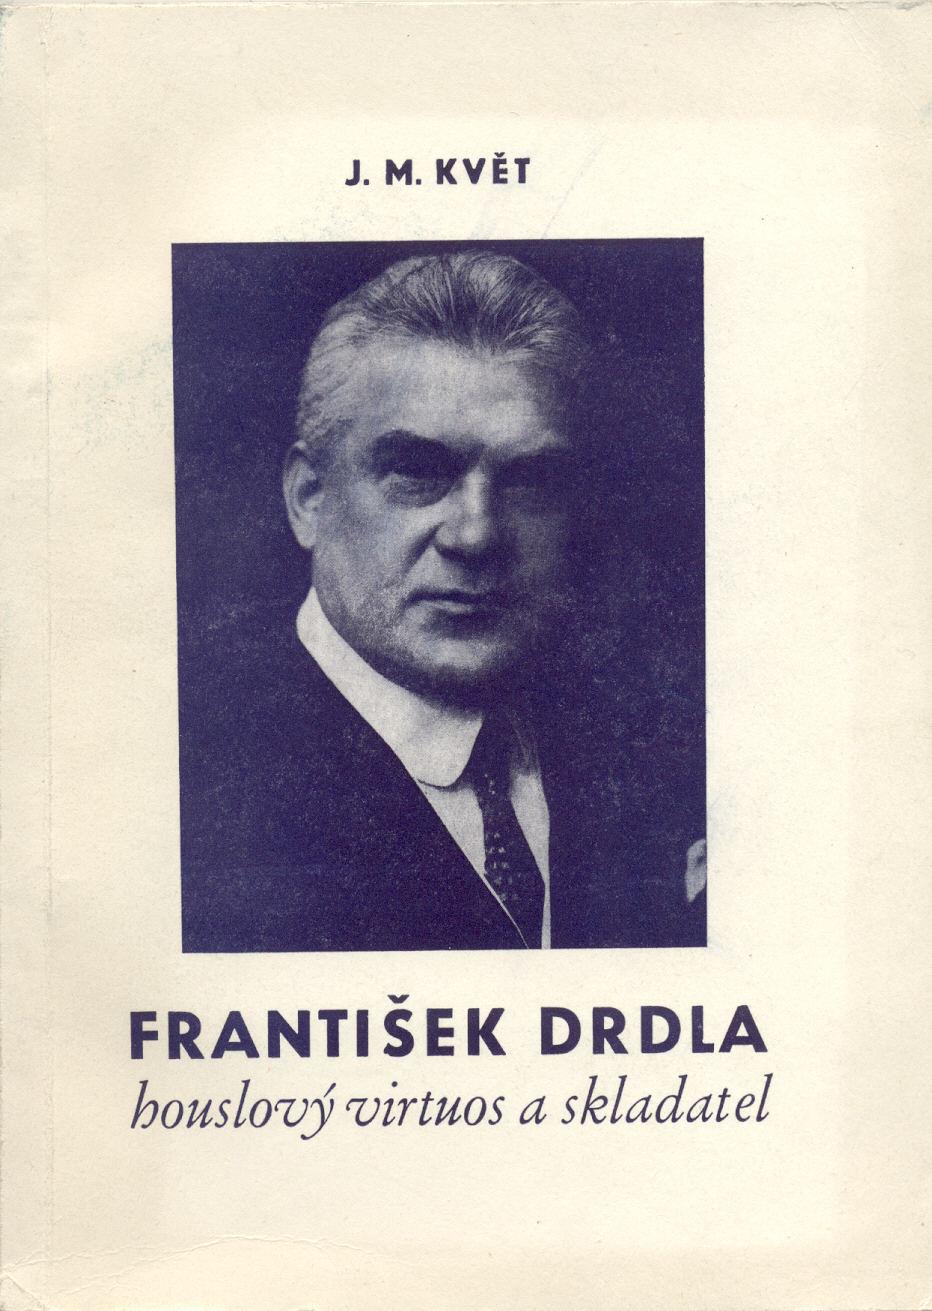 František Drdla (houslový virtuos a skladatel) - J. M. Květ